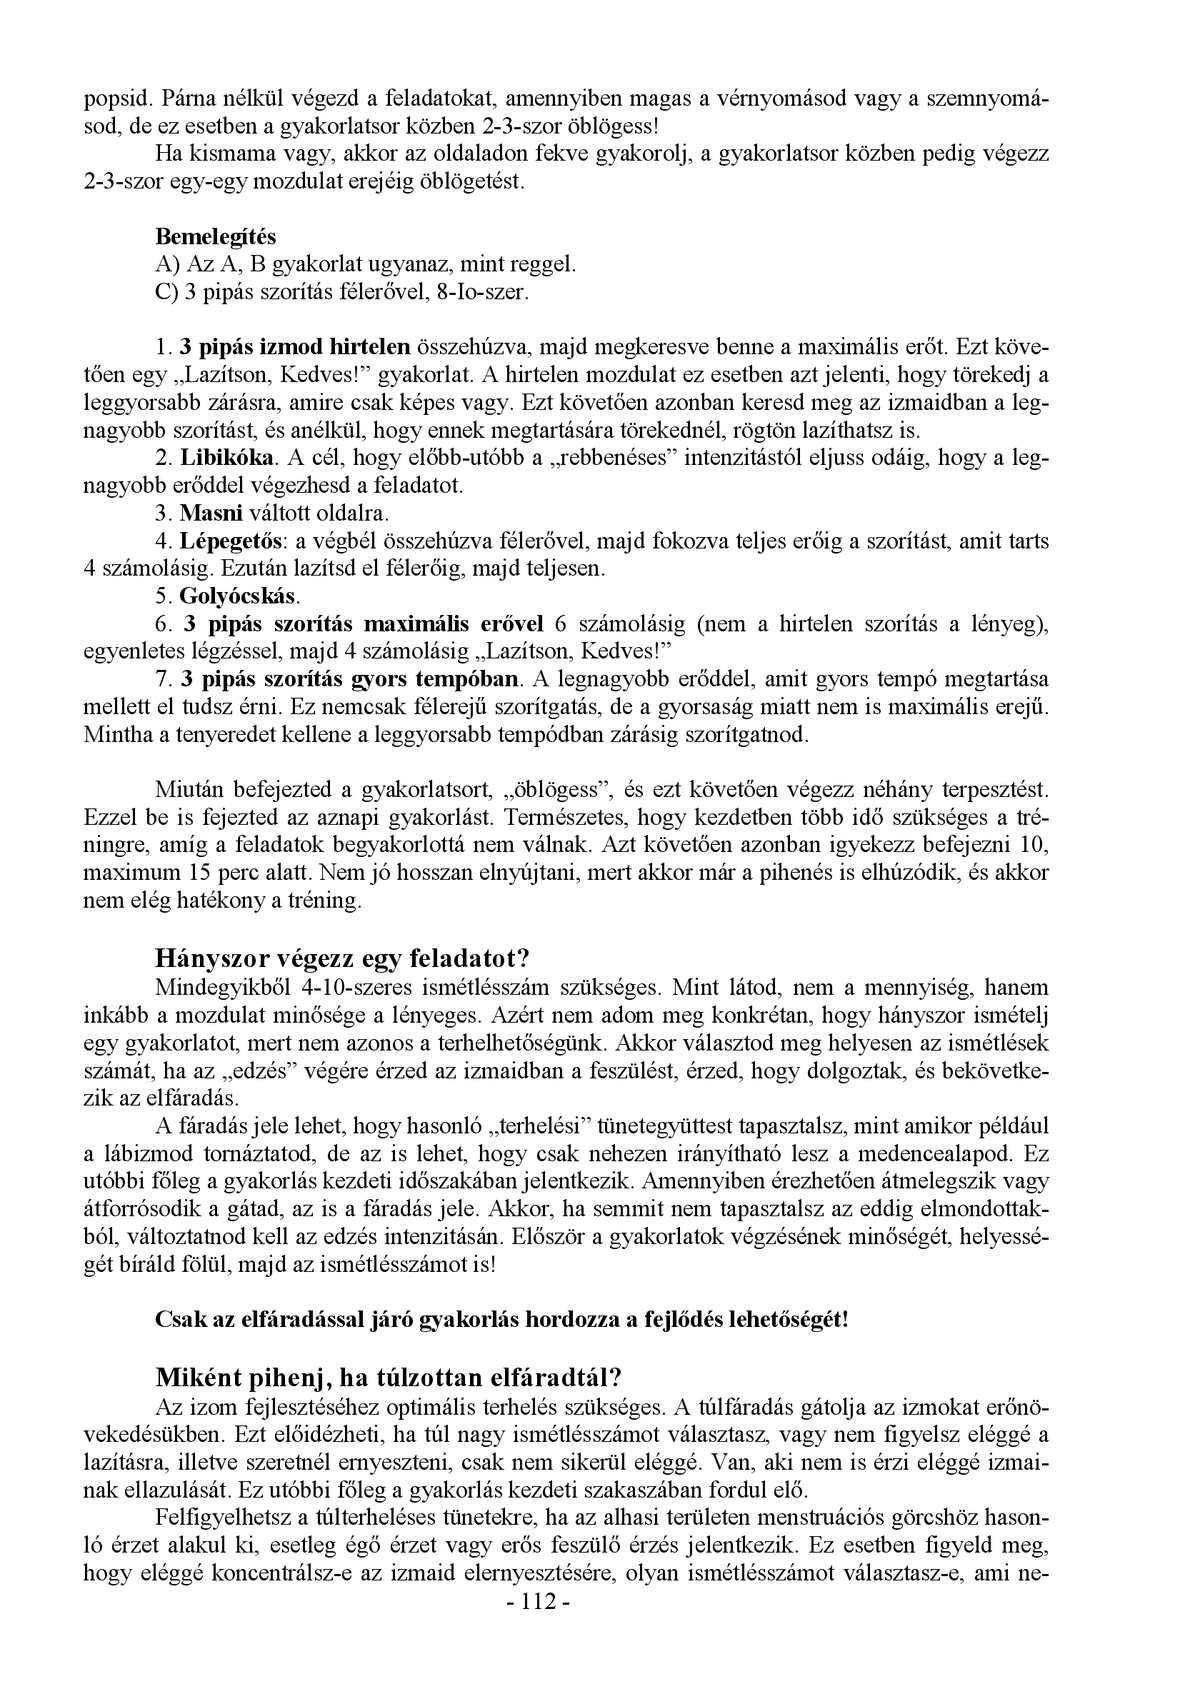 FELAJÁNLÁSMÉRŐ | Gyakorolj otthon a kémiaórára! - Tőkeportál - Együtt a válság ellen!